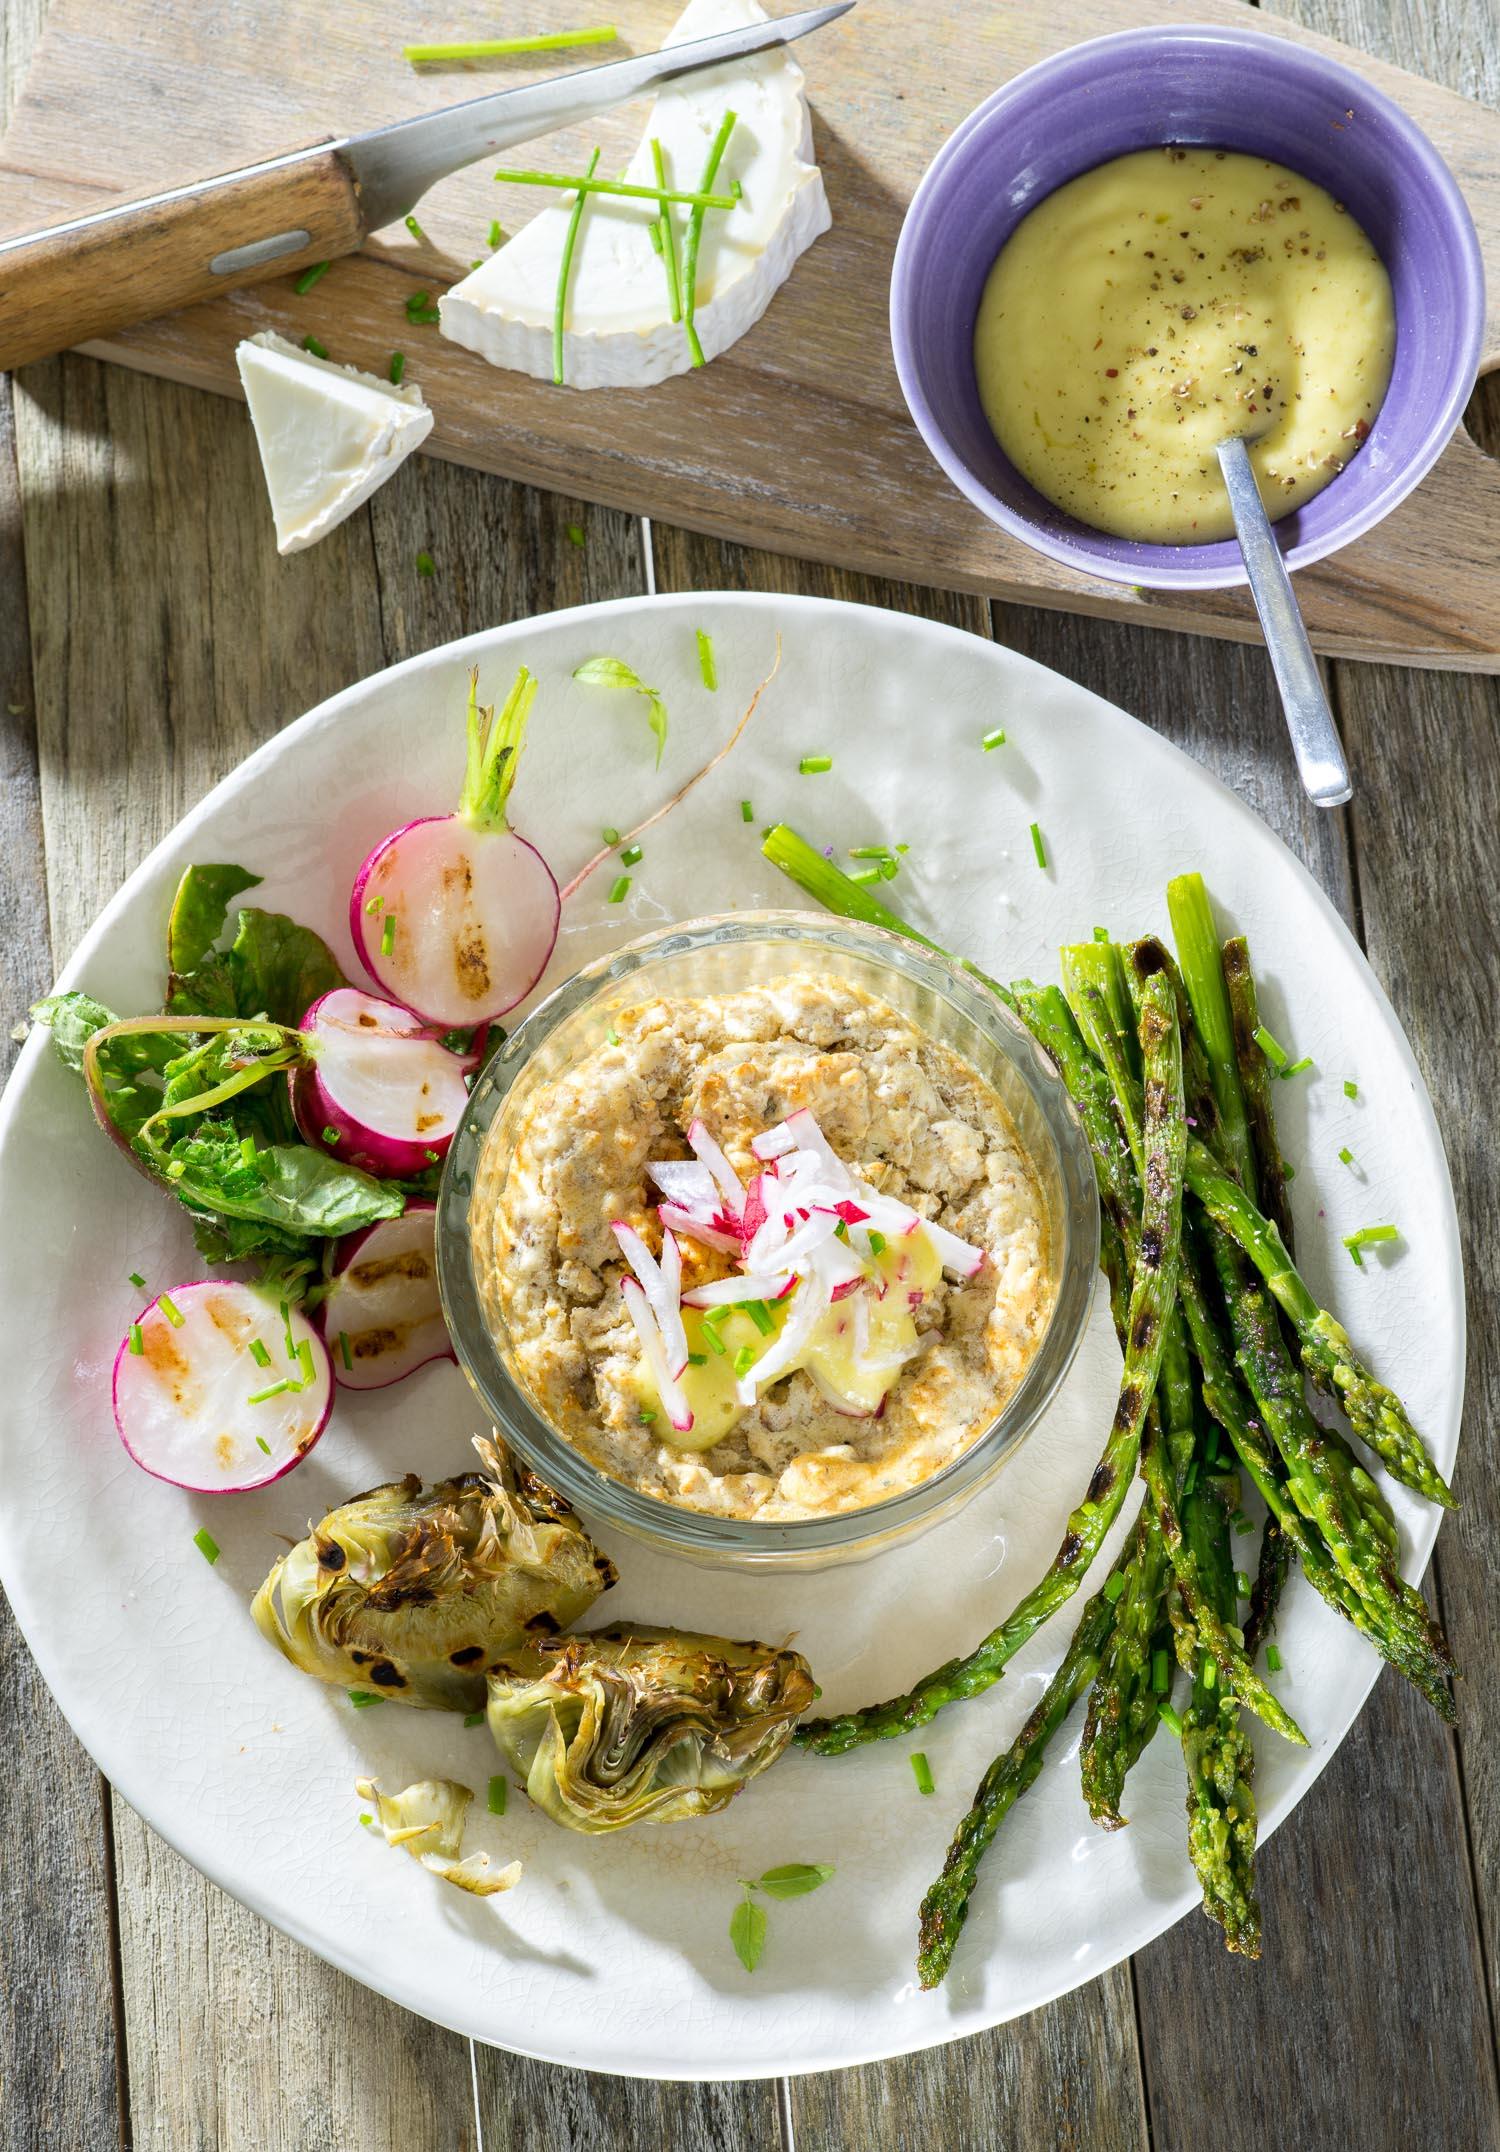 03412 Soufle de avena con verduras a la plancha.jpg